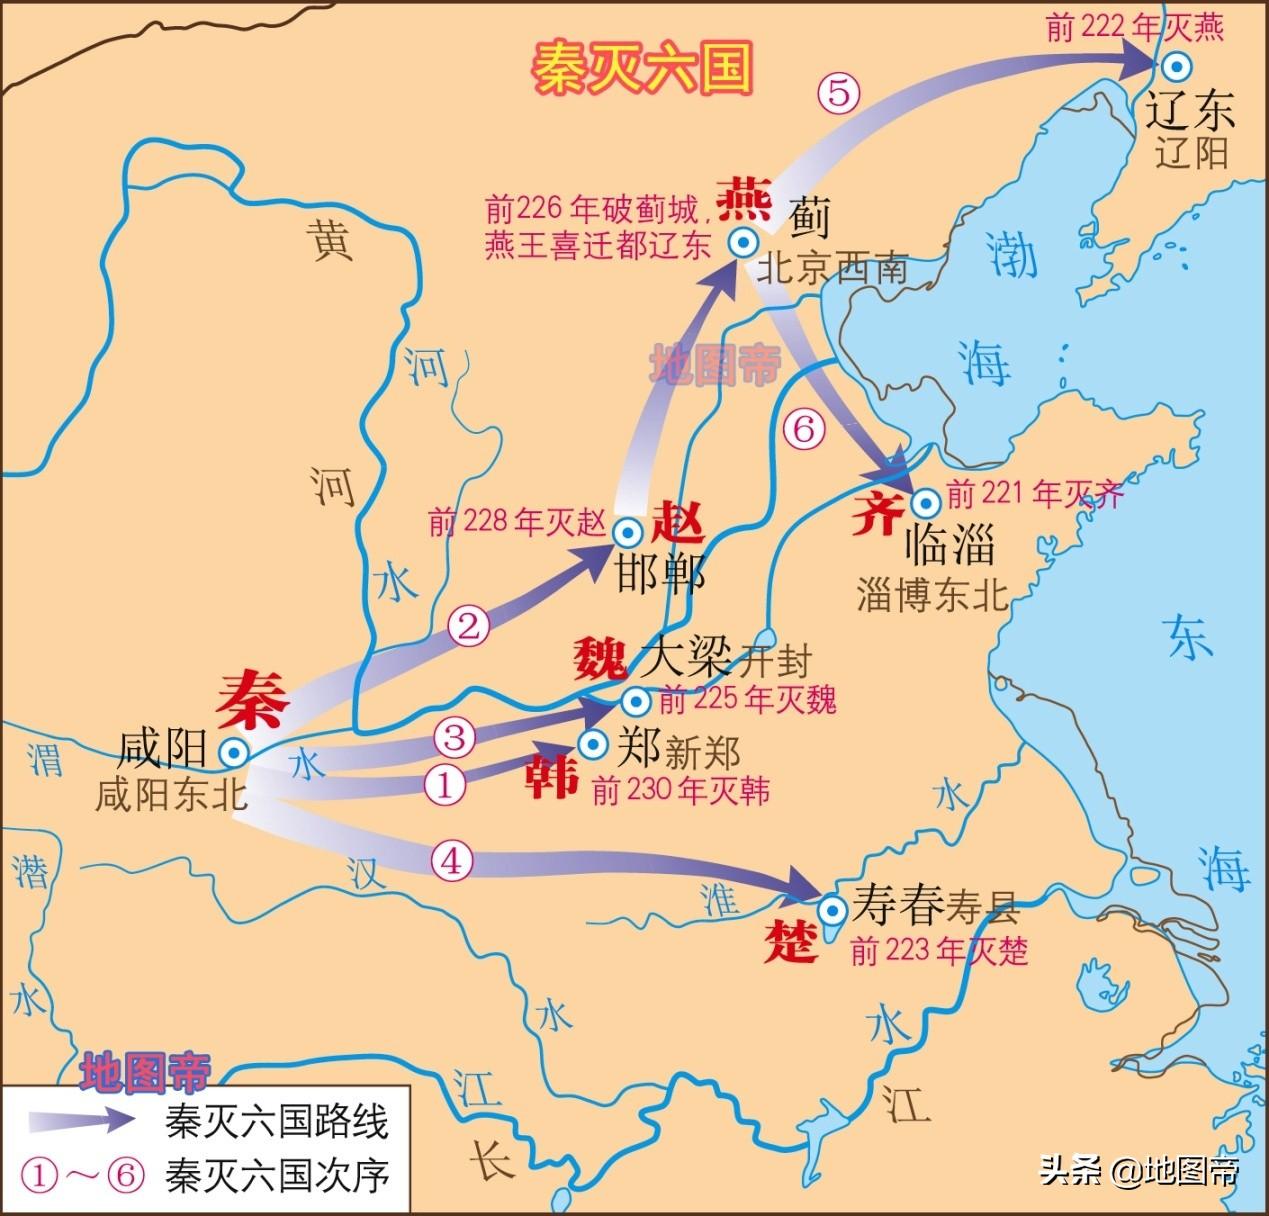 11幅图快速看大秦崛起到灭亡